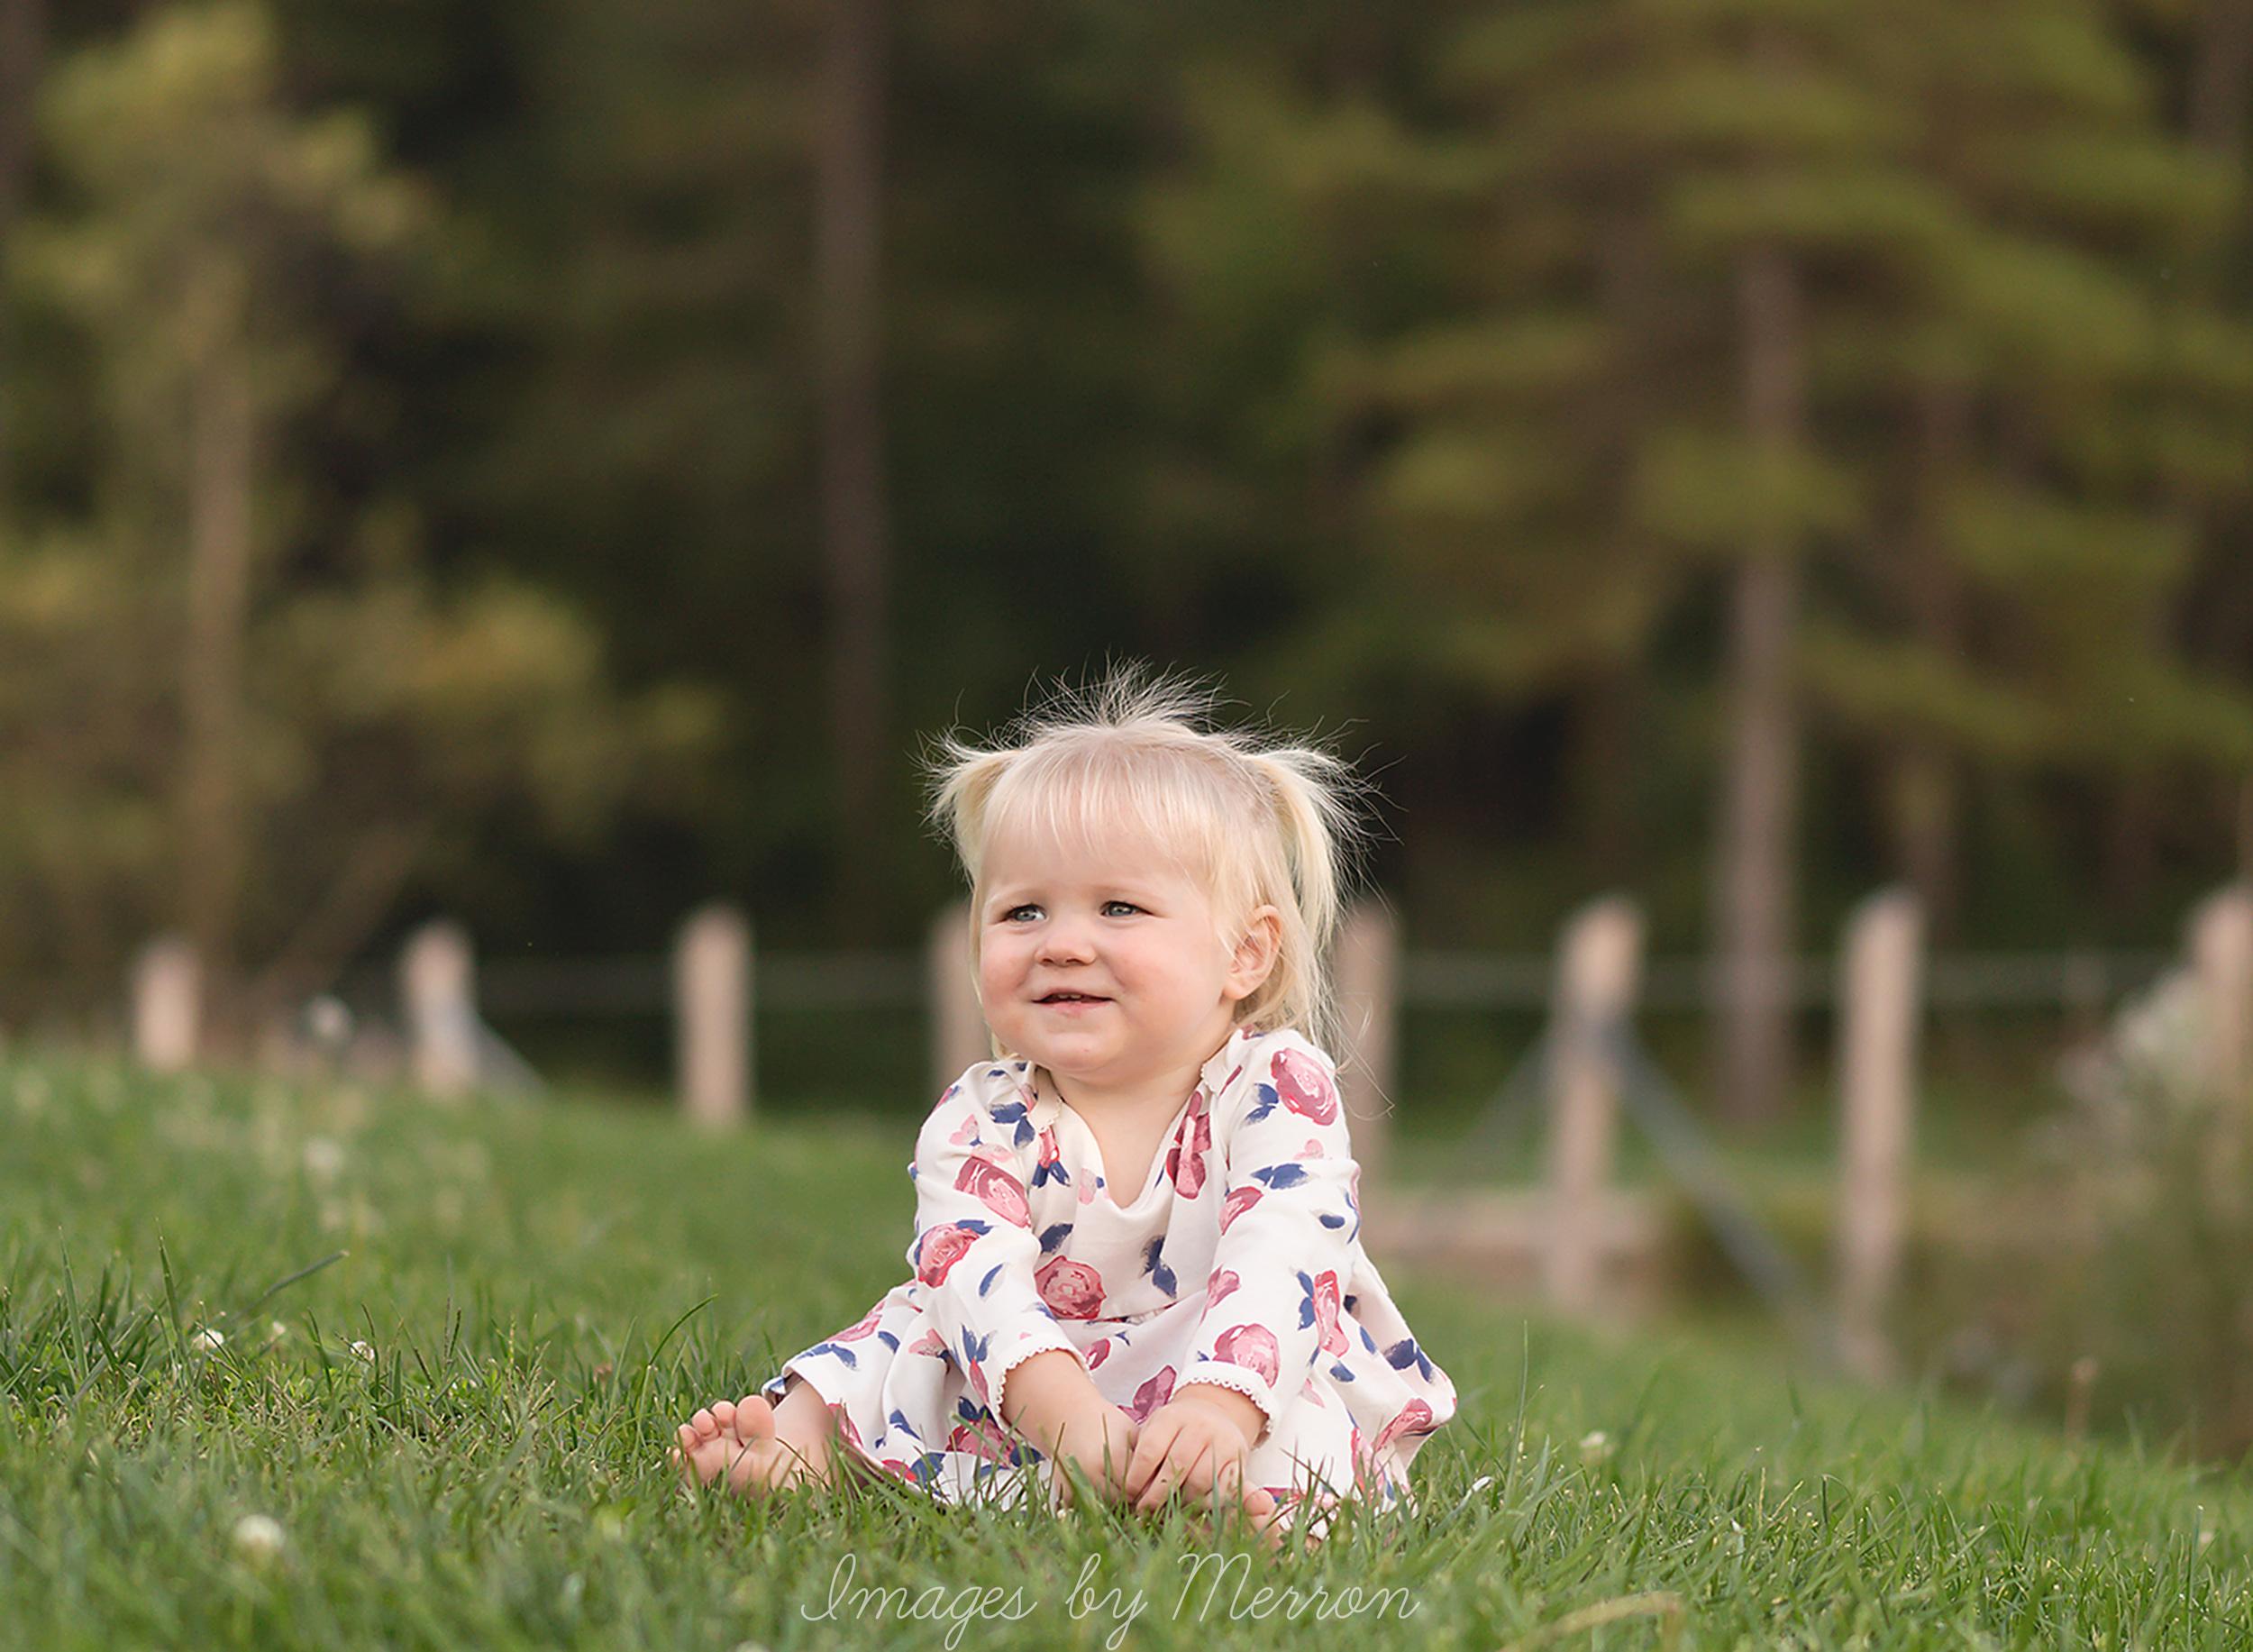 Child Photographer - Des Moines, Iowa